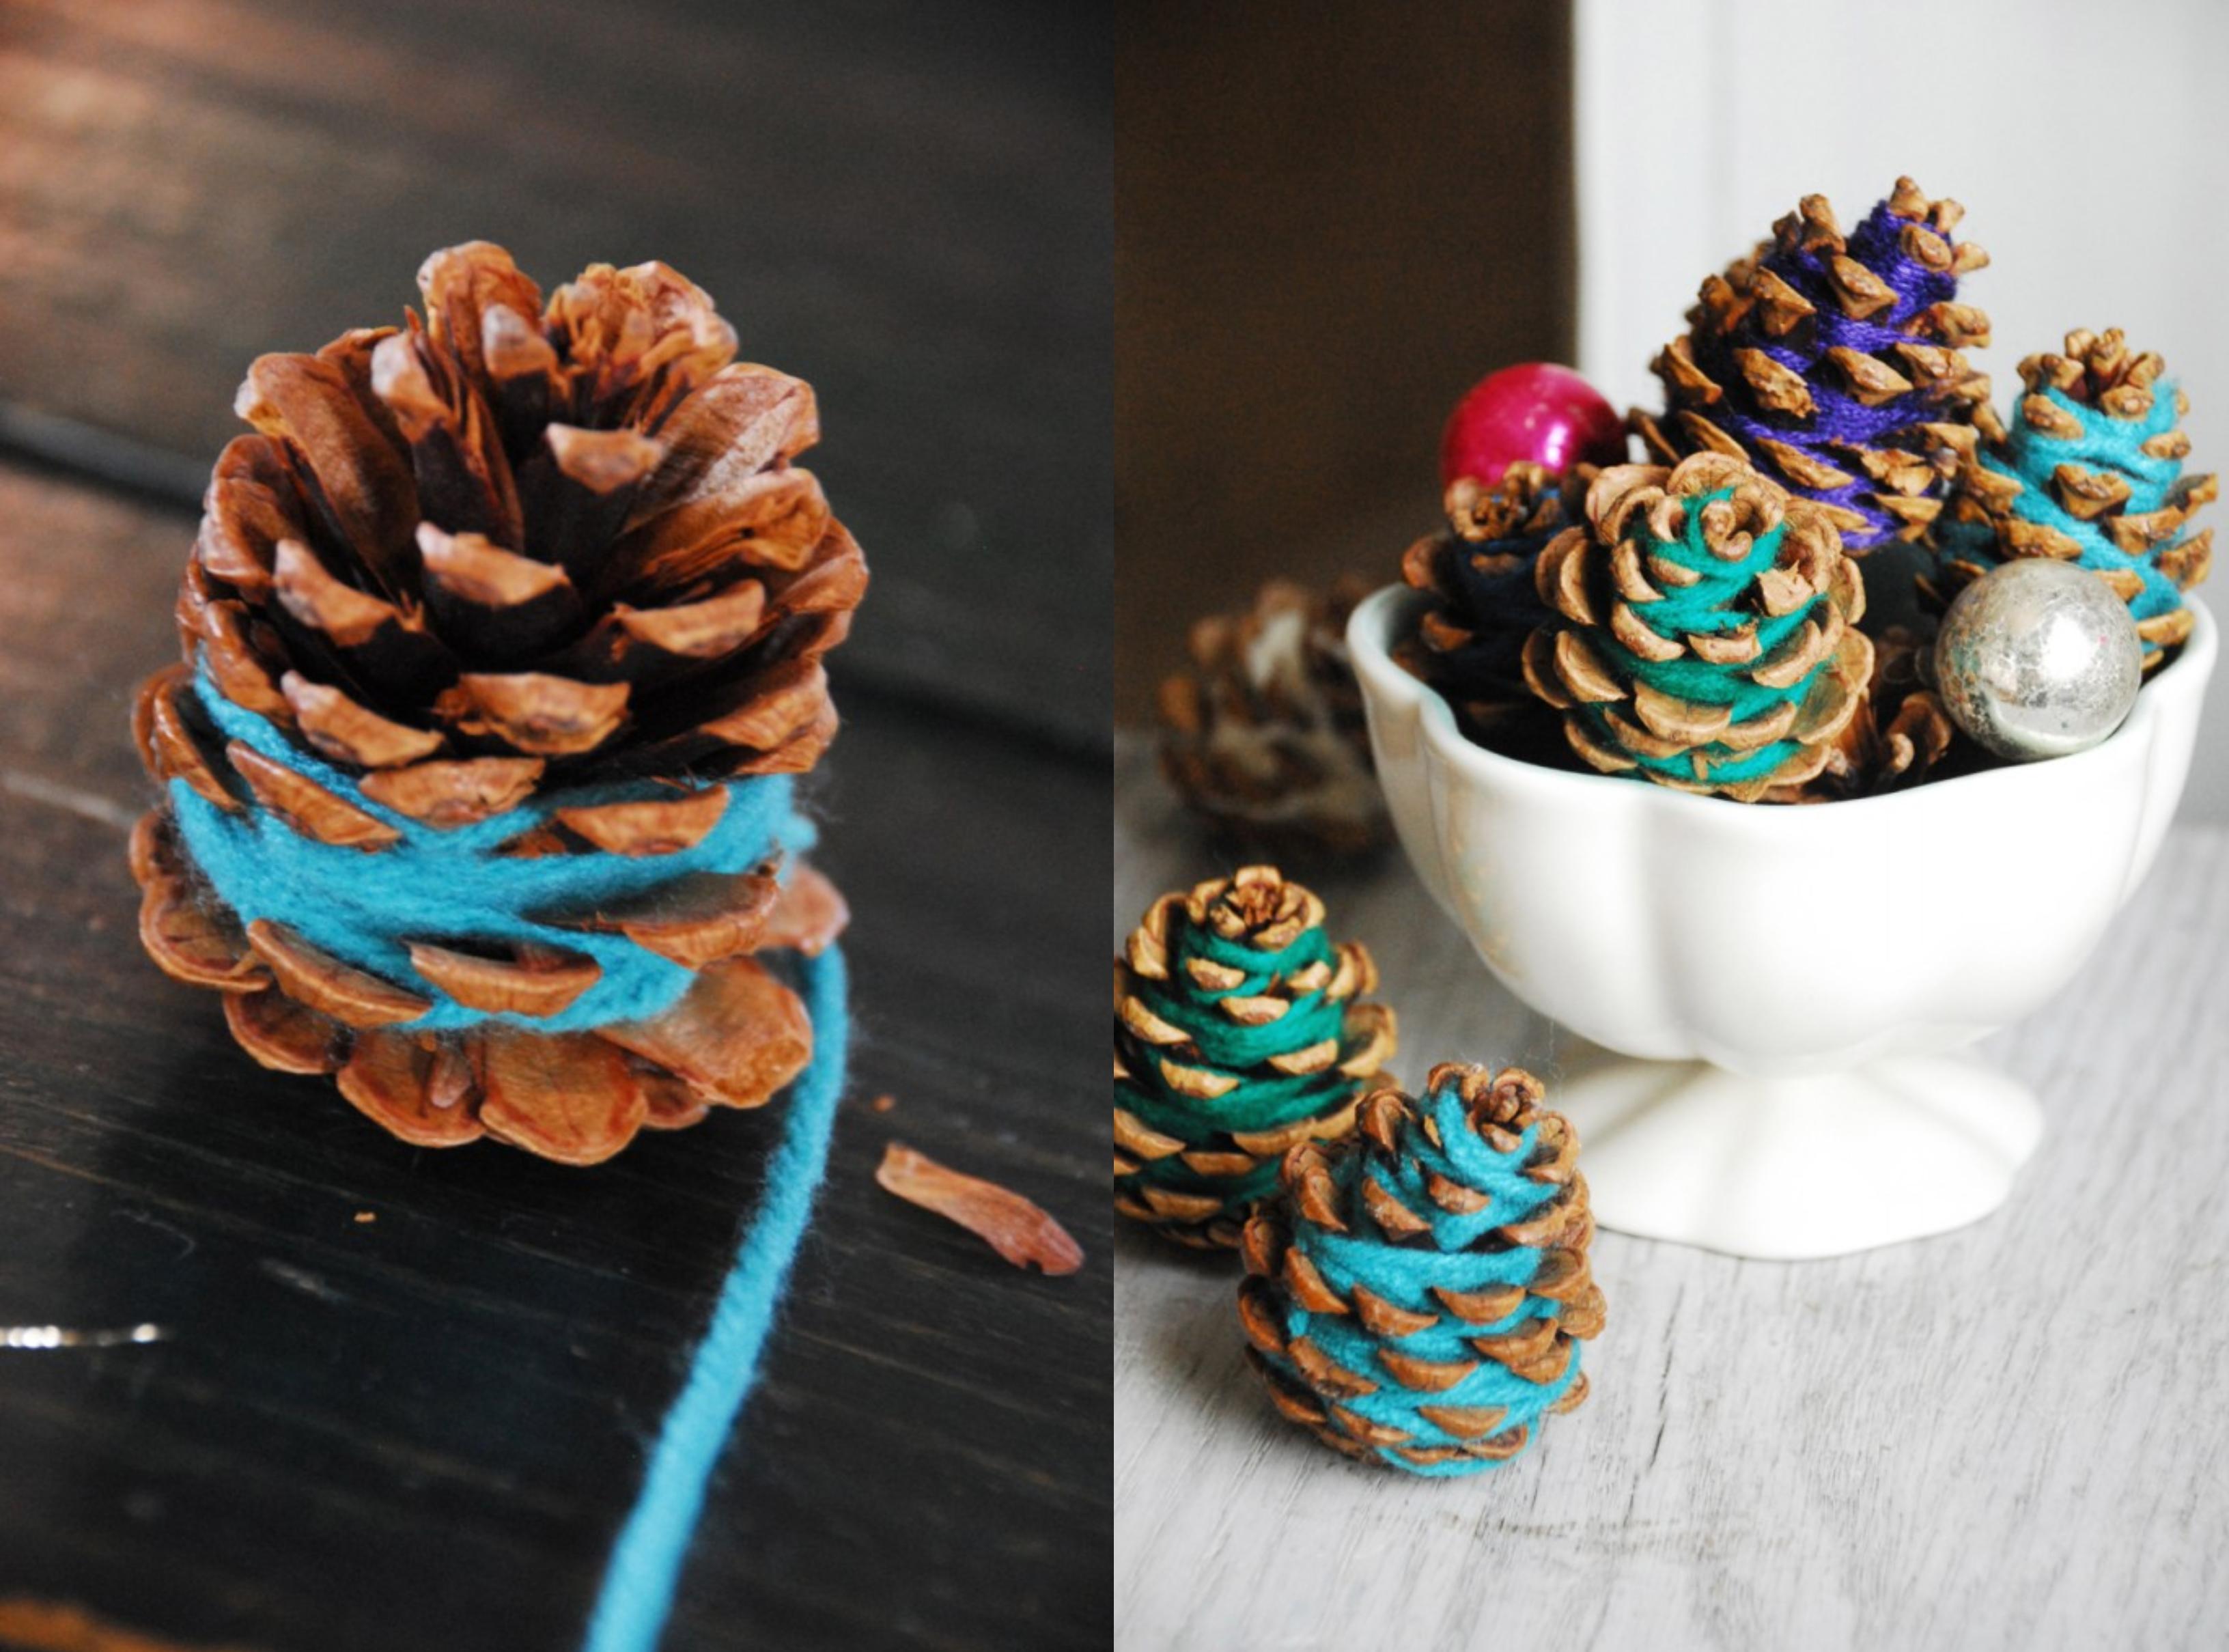 como hacer manualidades con piñas paso a paso, bonitas y coloridas ideas para decorar el hogar